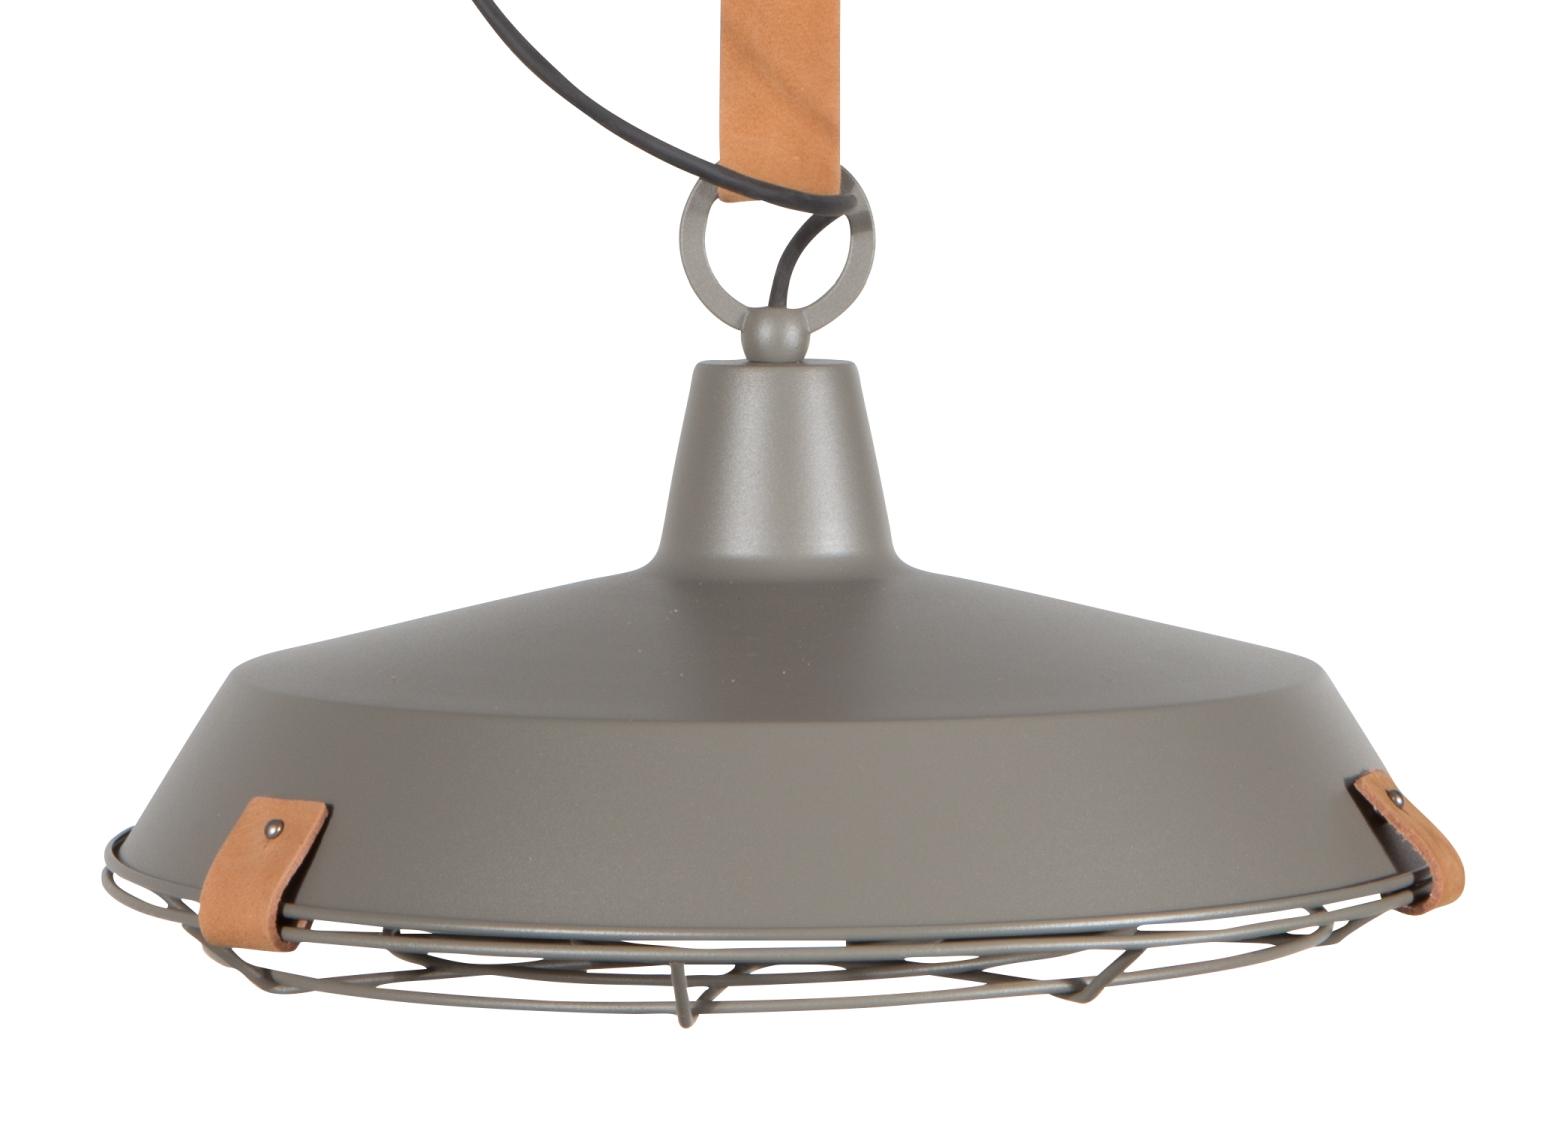 Zuiver Hanglamp DEK 40 -Ø40 Cm - Grijs